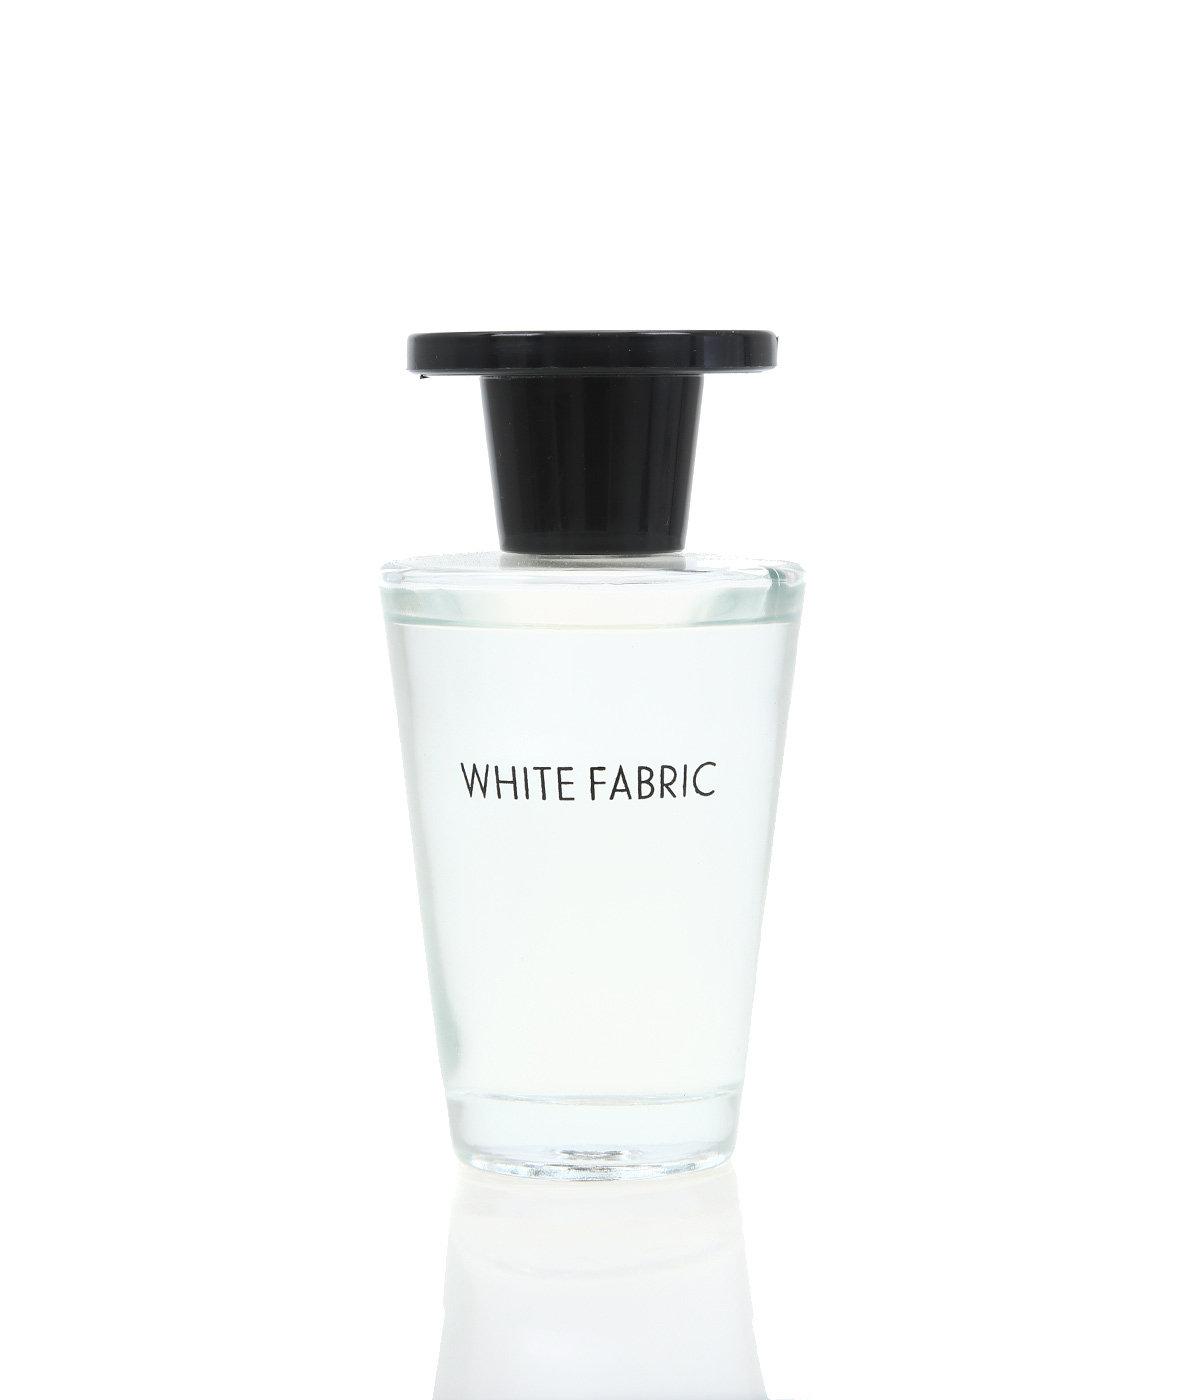 ディフューザー/PUEBCO - FRAGRANCE DIFFUSER / White Fabric